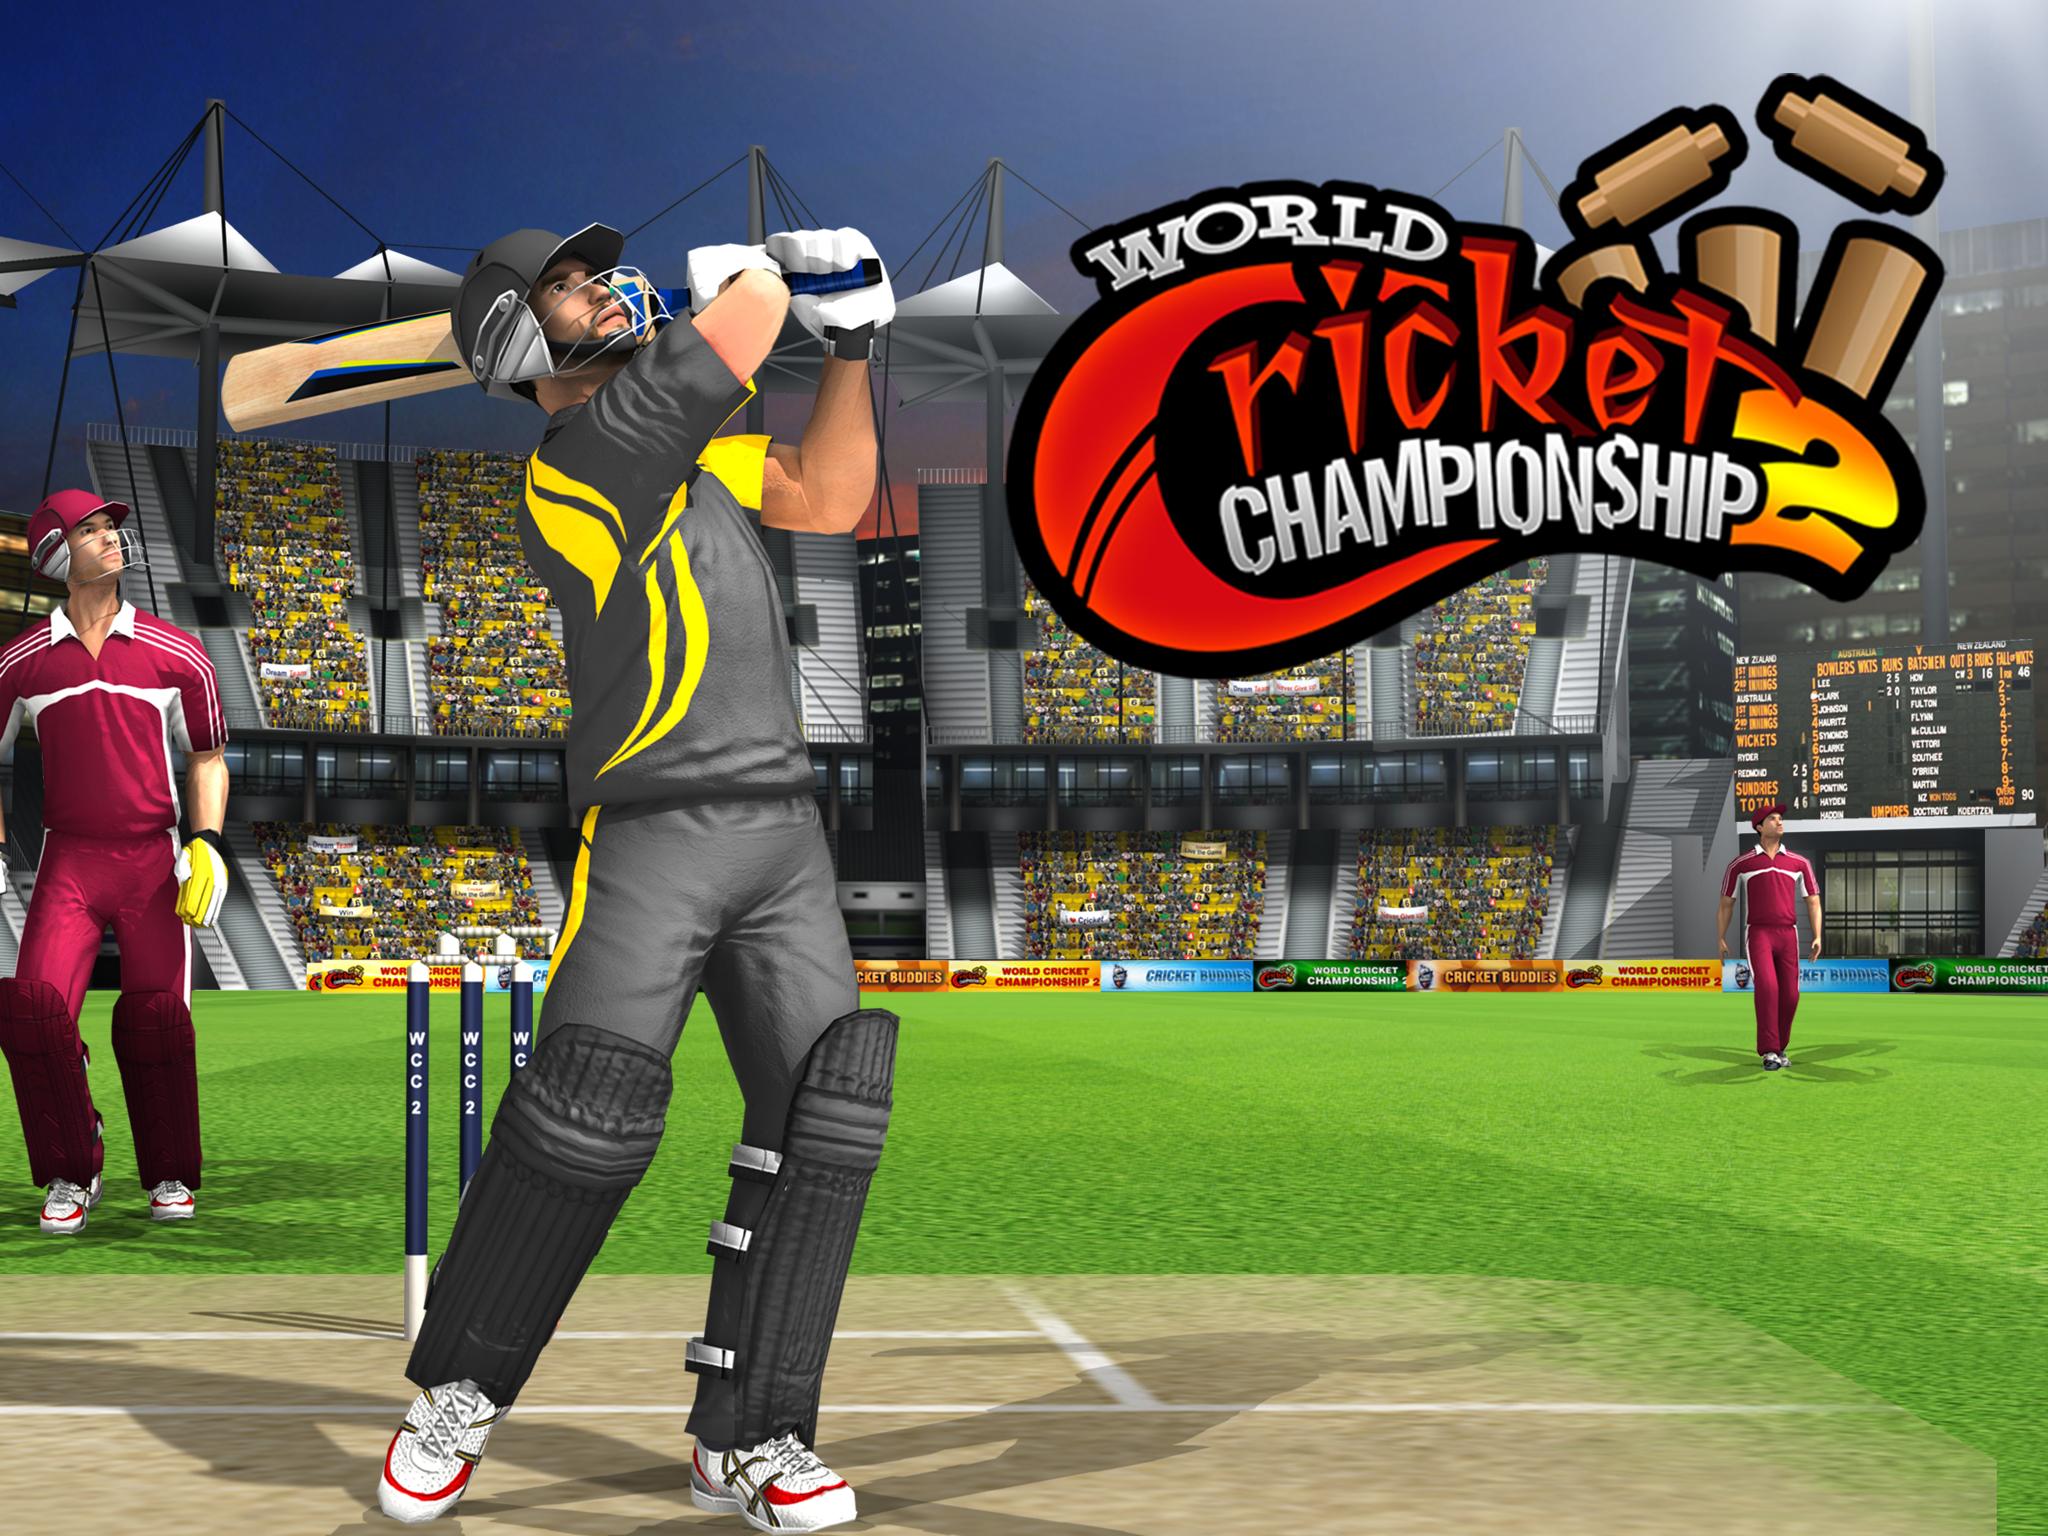 Memory Improve Master 6 1 2 201 World Cricket Cricket Games Gaming Tips